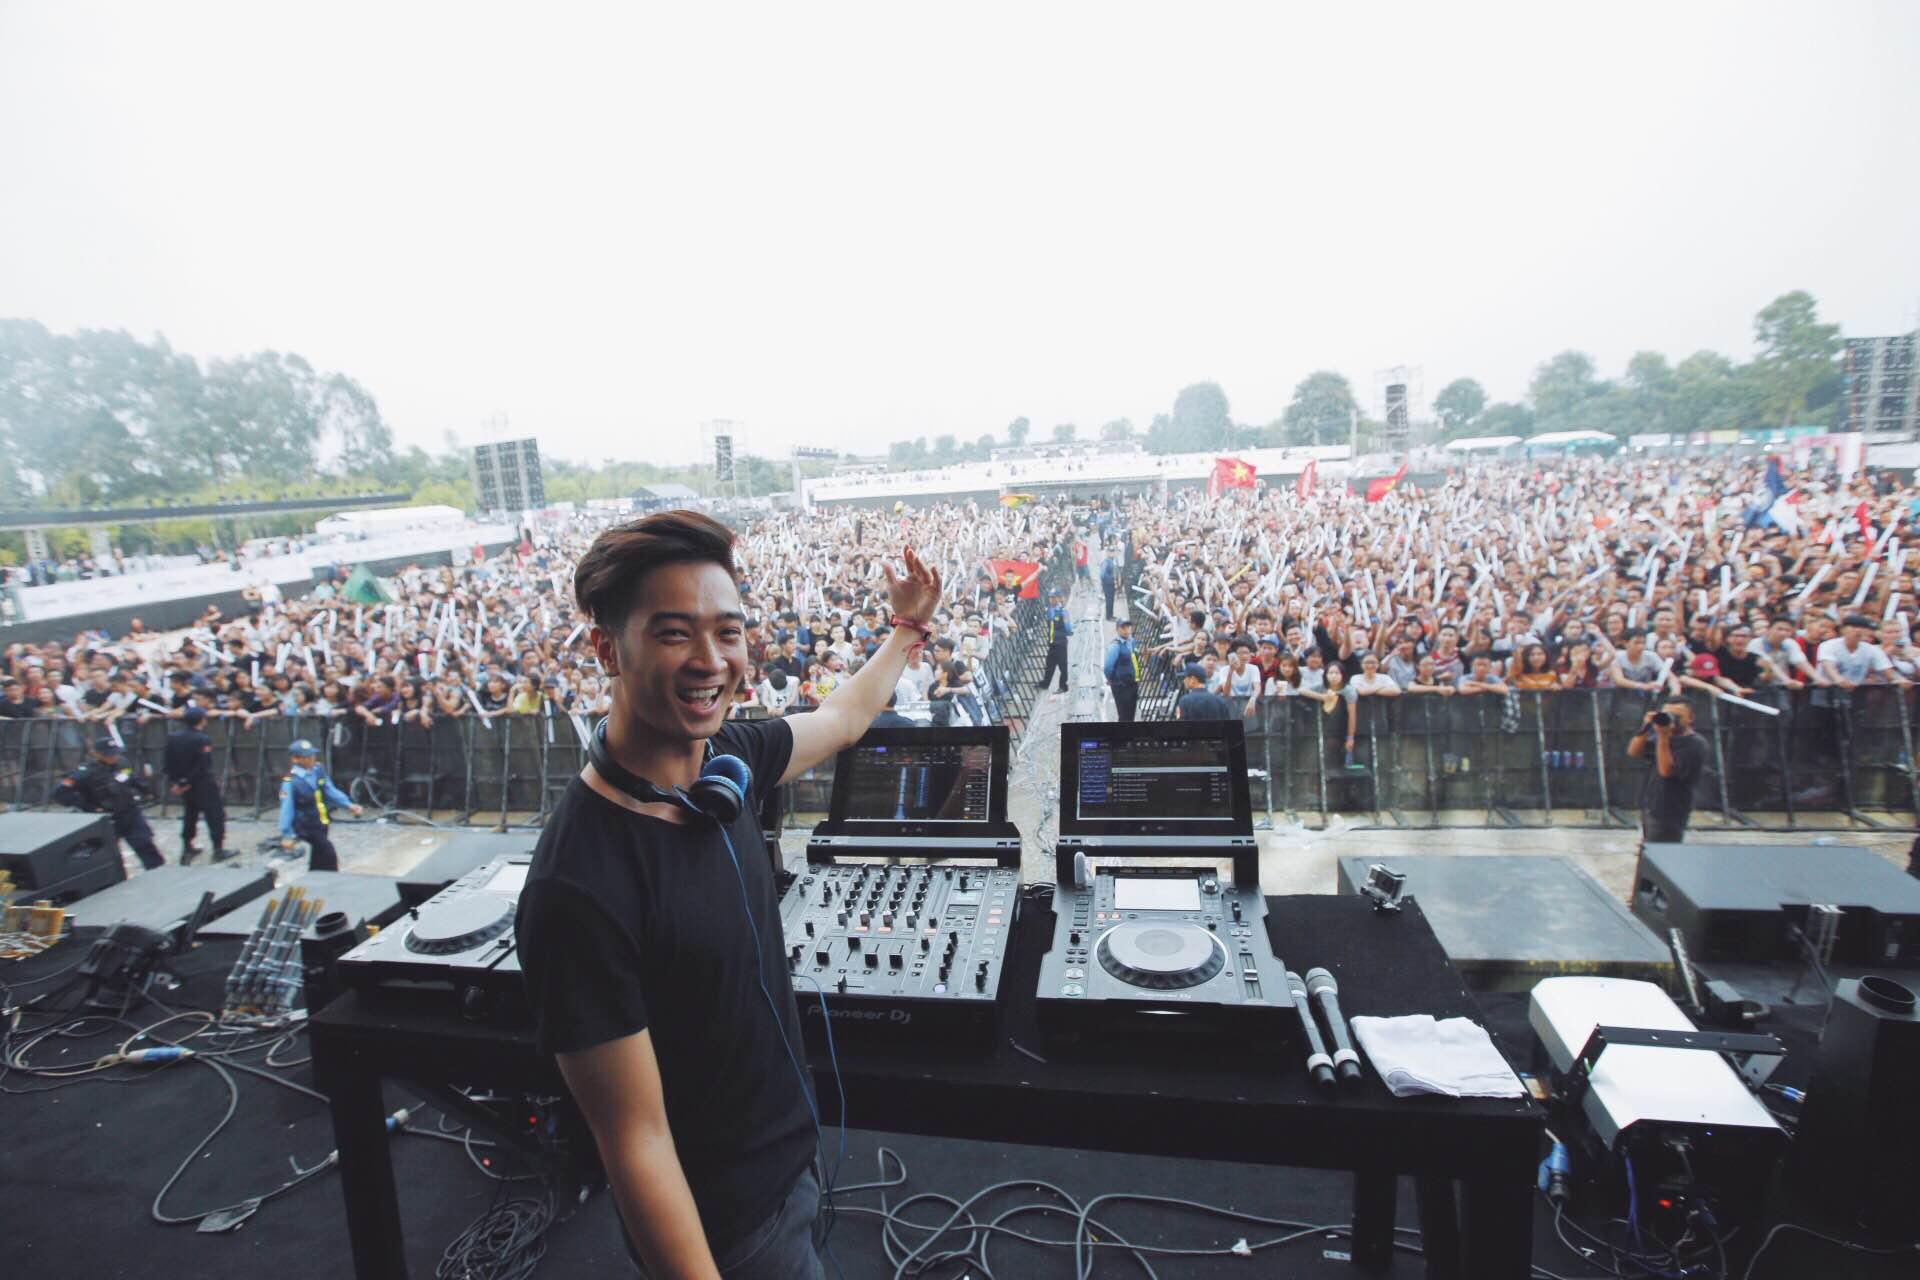 SlimV hứa hẹn bùng nổ với dự án lớn vinh danh âm nhạc dân tộc trong năm 2017 - Ảnh 2.